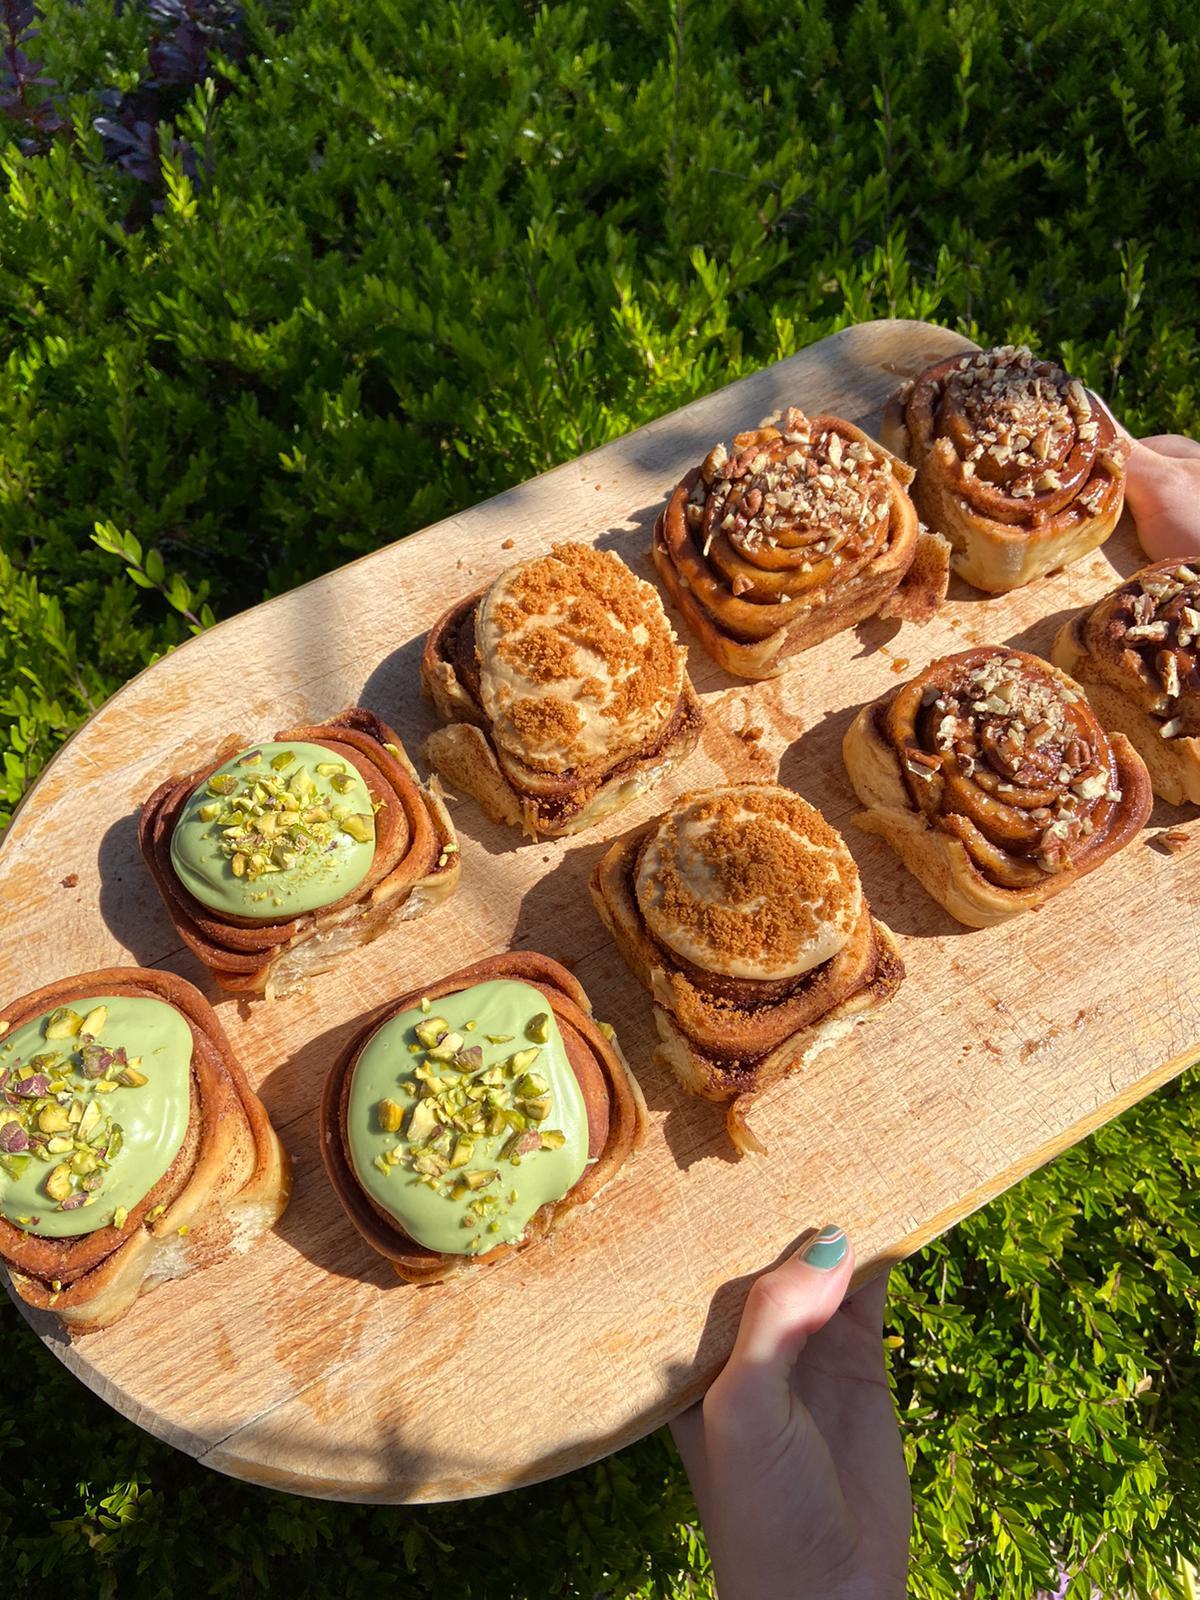 Vegan Swedish Cinnamon Buns | Swedish Baking Studio